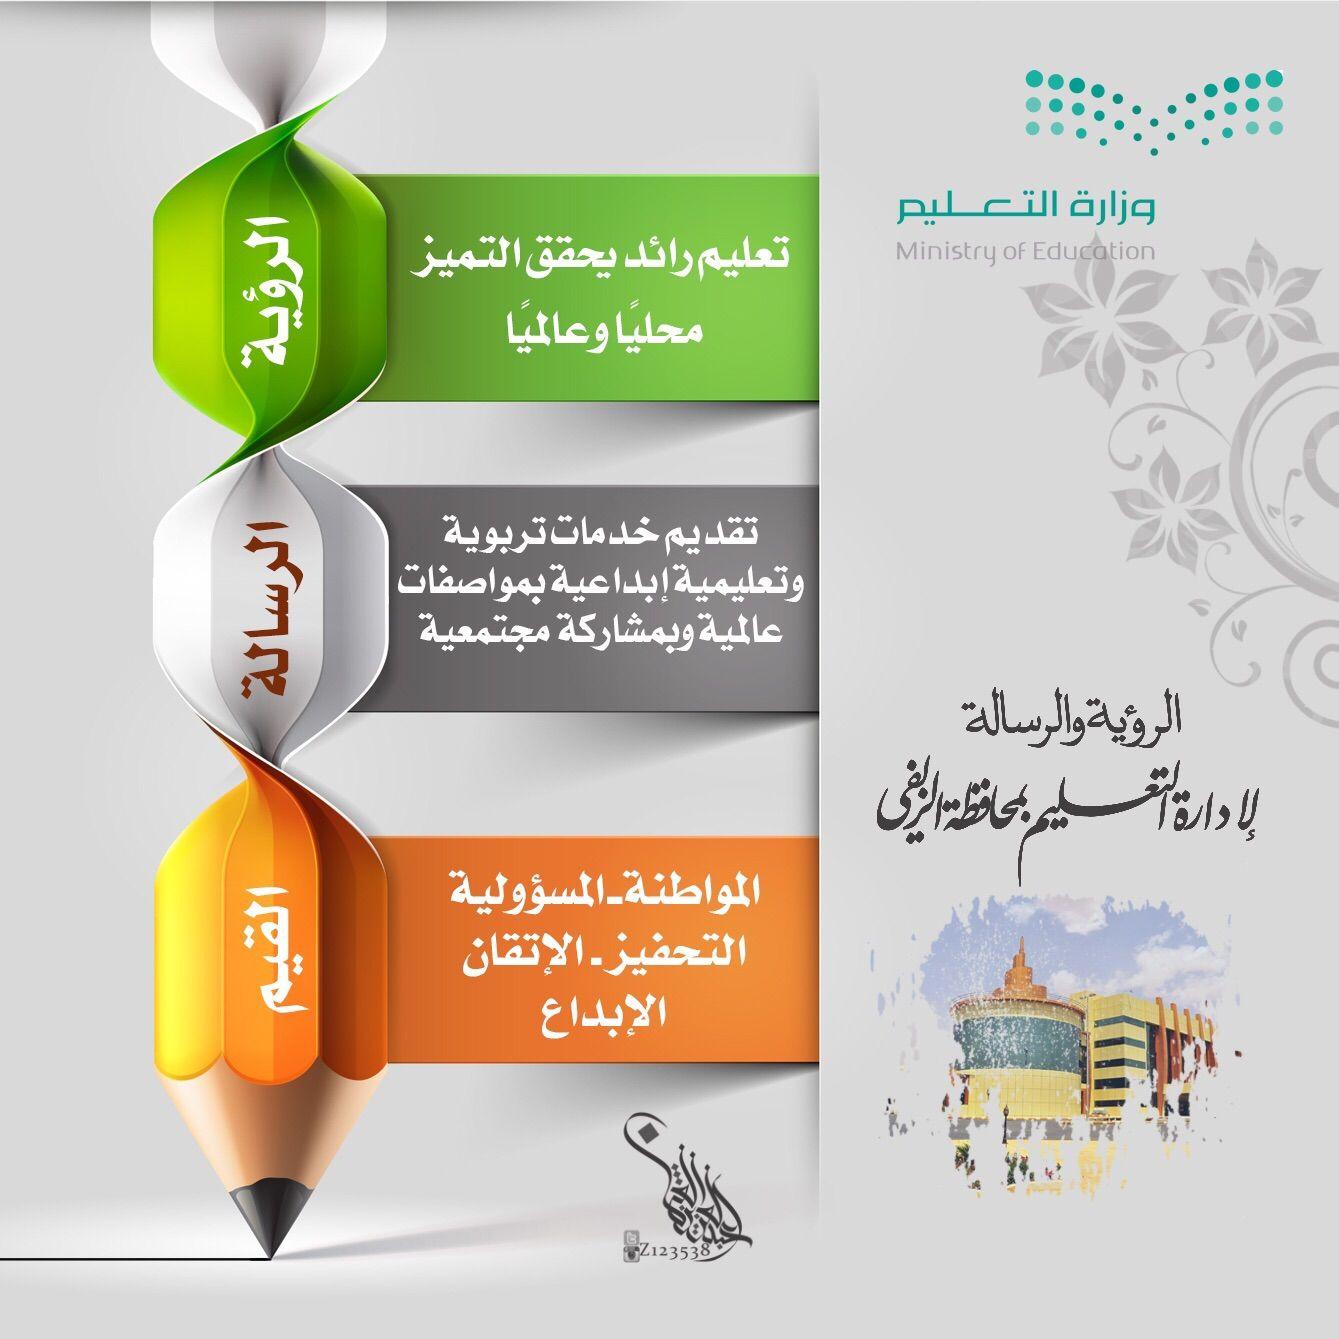 تعليم الزلفي يعتمد رؤية ورسالة الإدارة للعام الحالي شبكة سما الزلفي Ministry Of Education Education